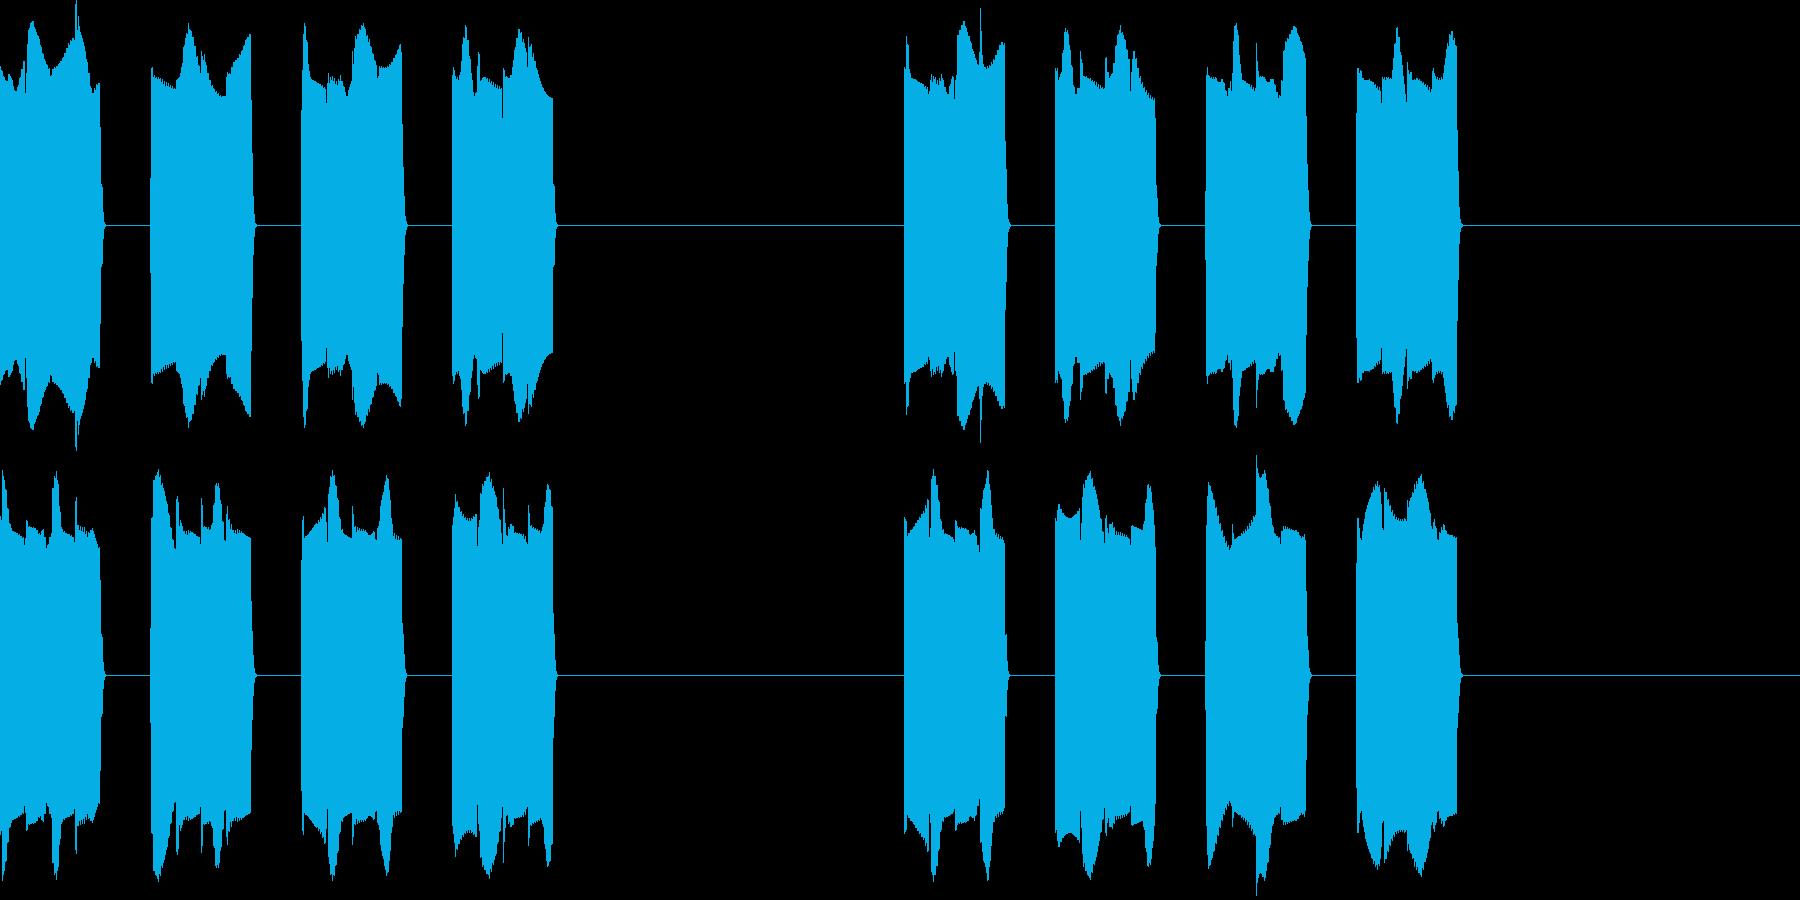 ピピピピッ..。携帯の着信音A(短め)の再生済みの波形